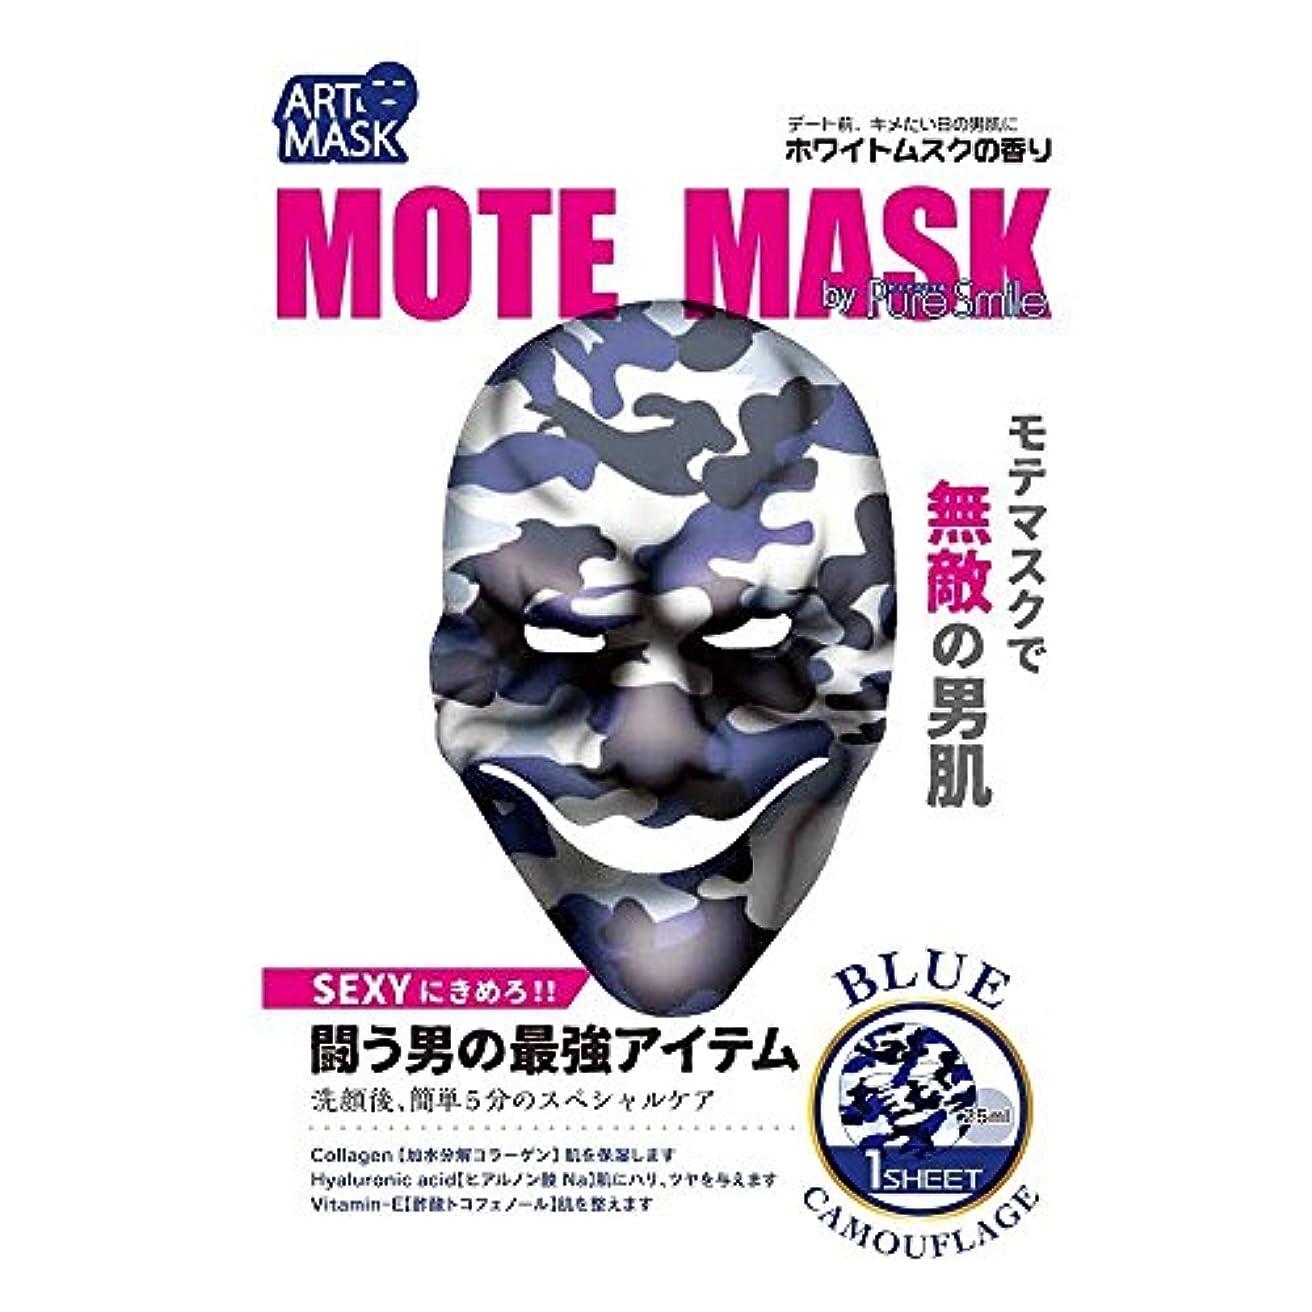 ピュアスマイル モテマスク ブルーカモフラージュ MA02 【セクシー】